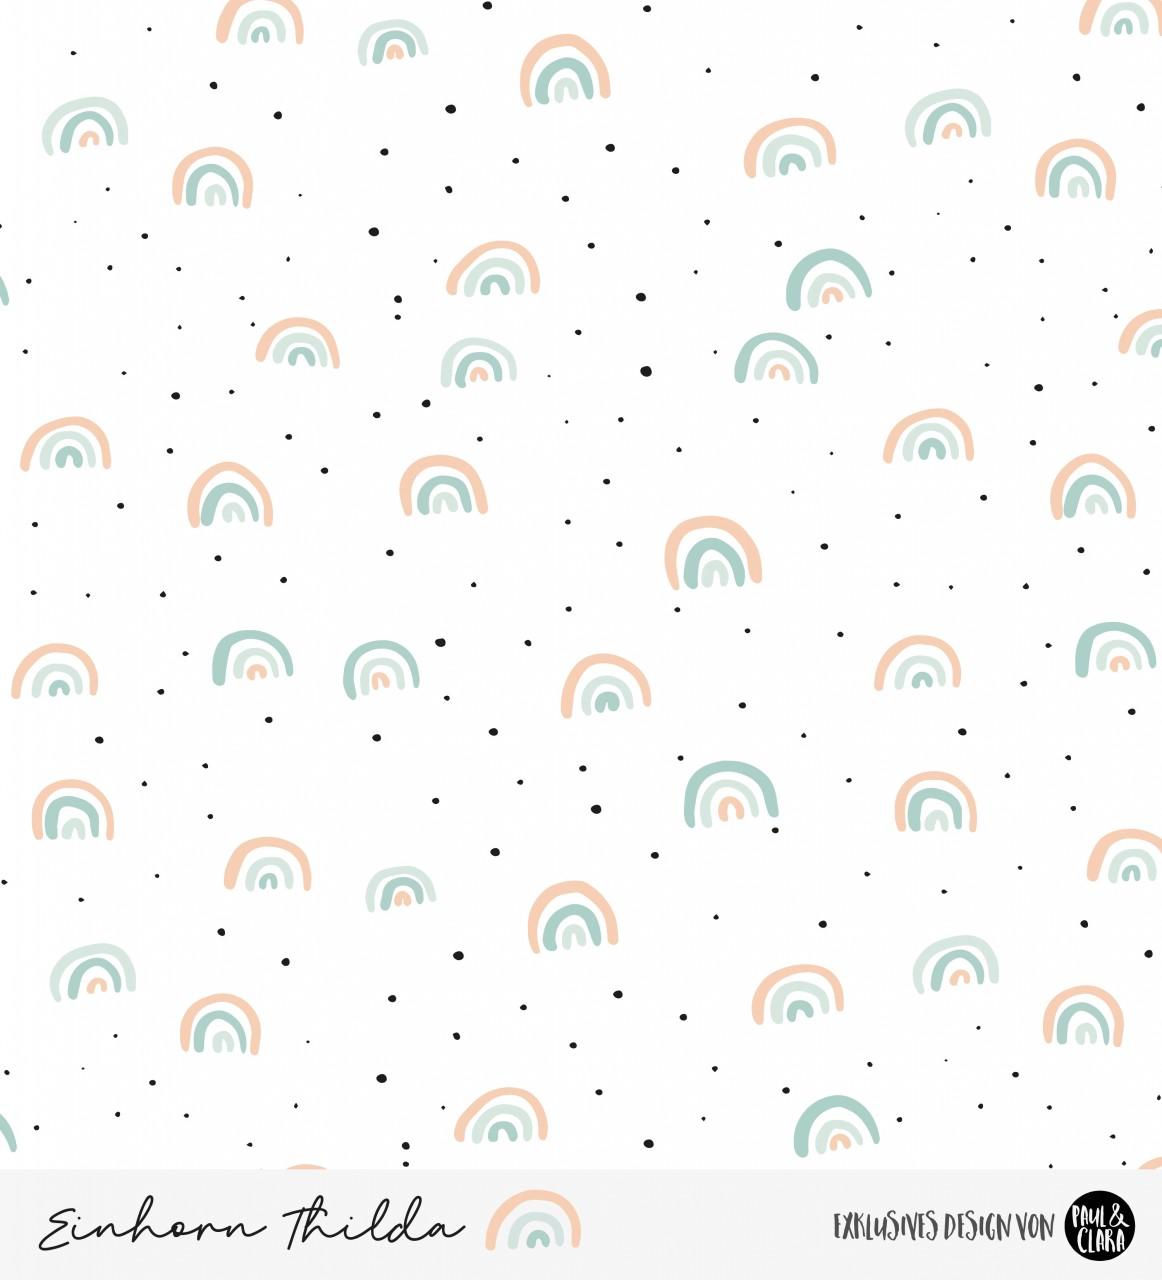 Einhorn Thilda - Regenbögen Weiß *Bio-Sommersweat*